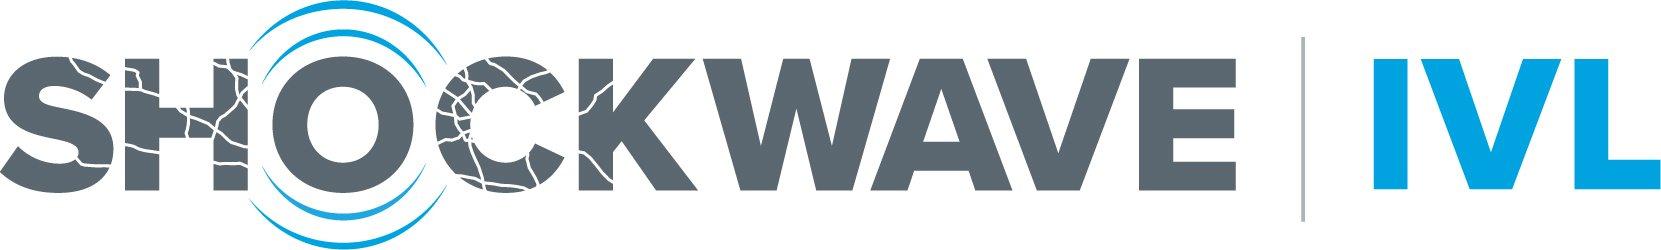 shockwave_cracked_logo_final